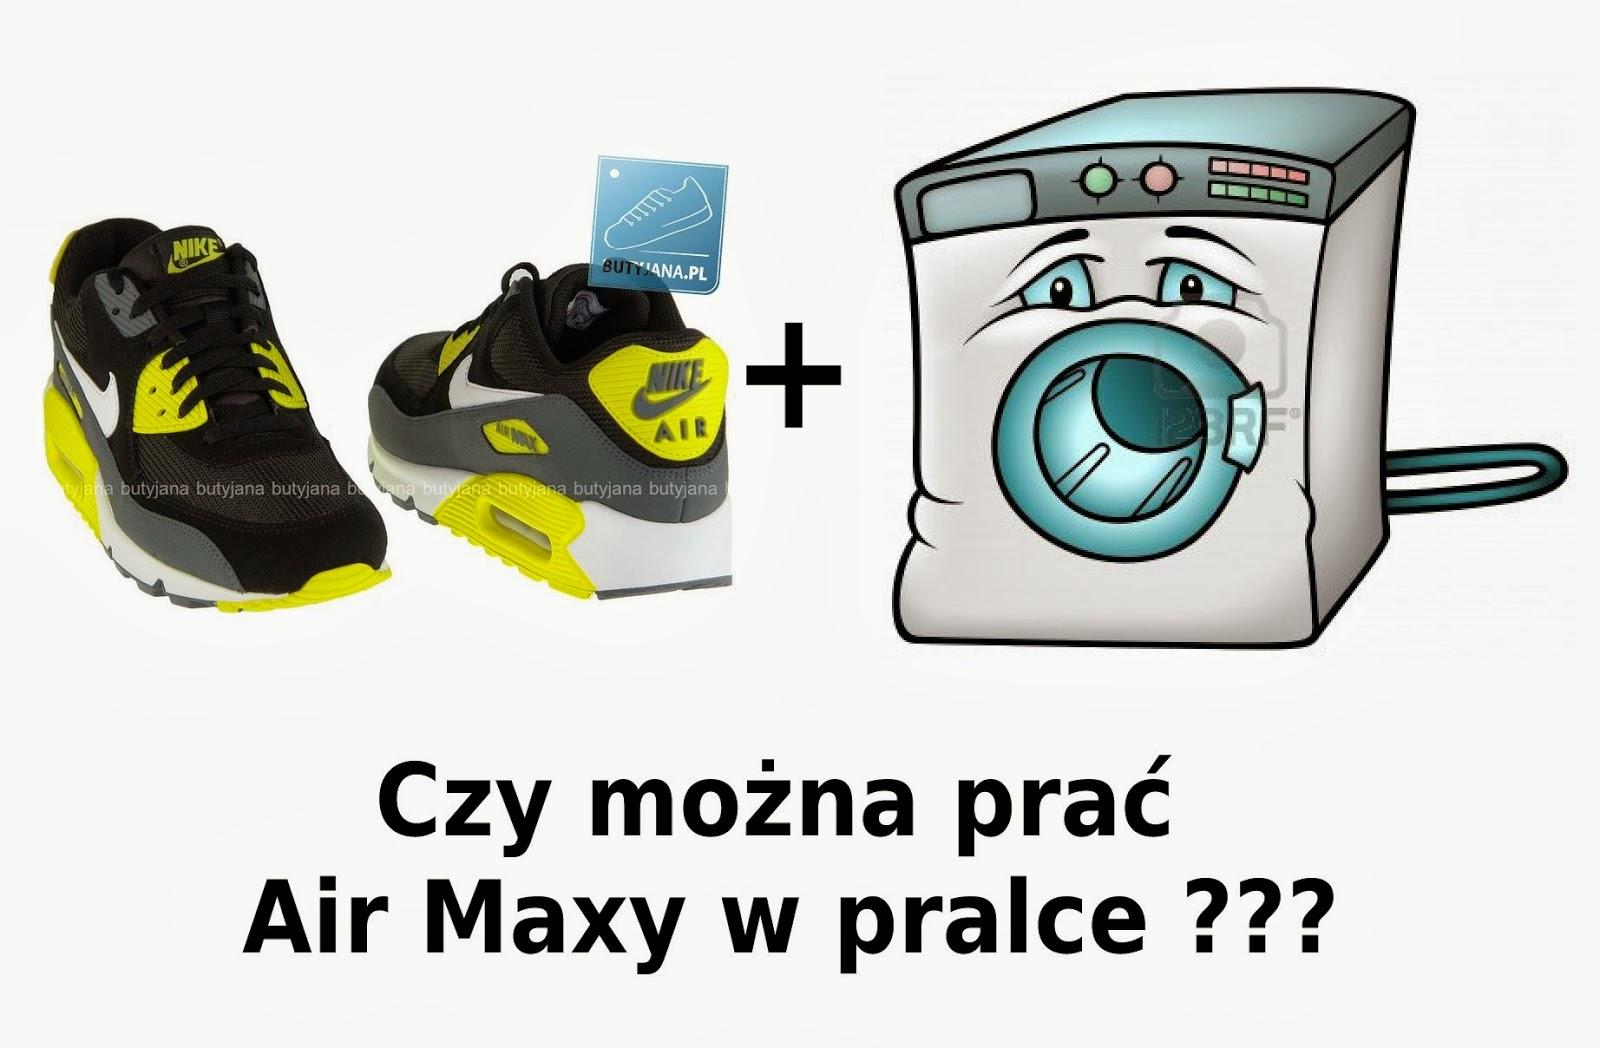 Nike Air Max Fanpage Czy Air Maxy Mozna Prac W Pralce